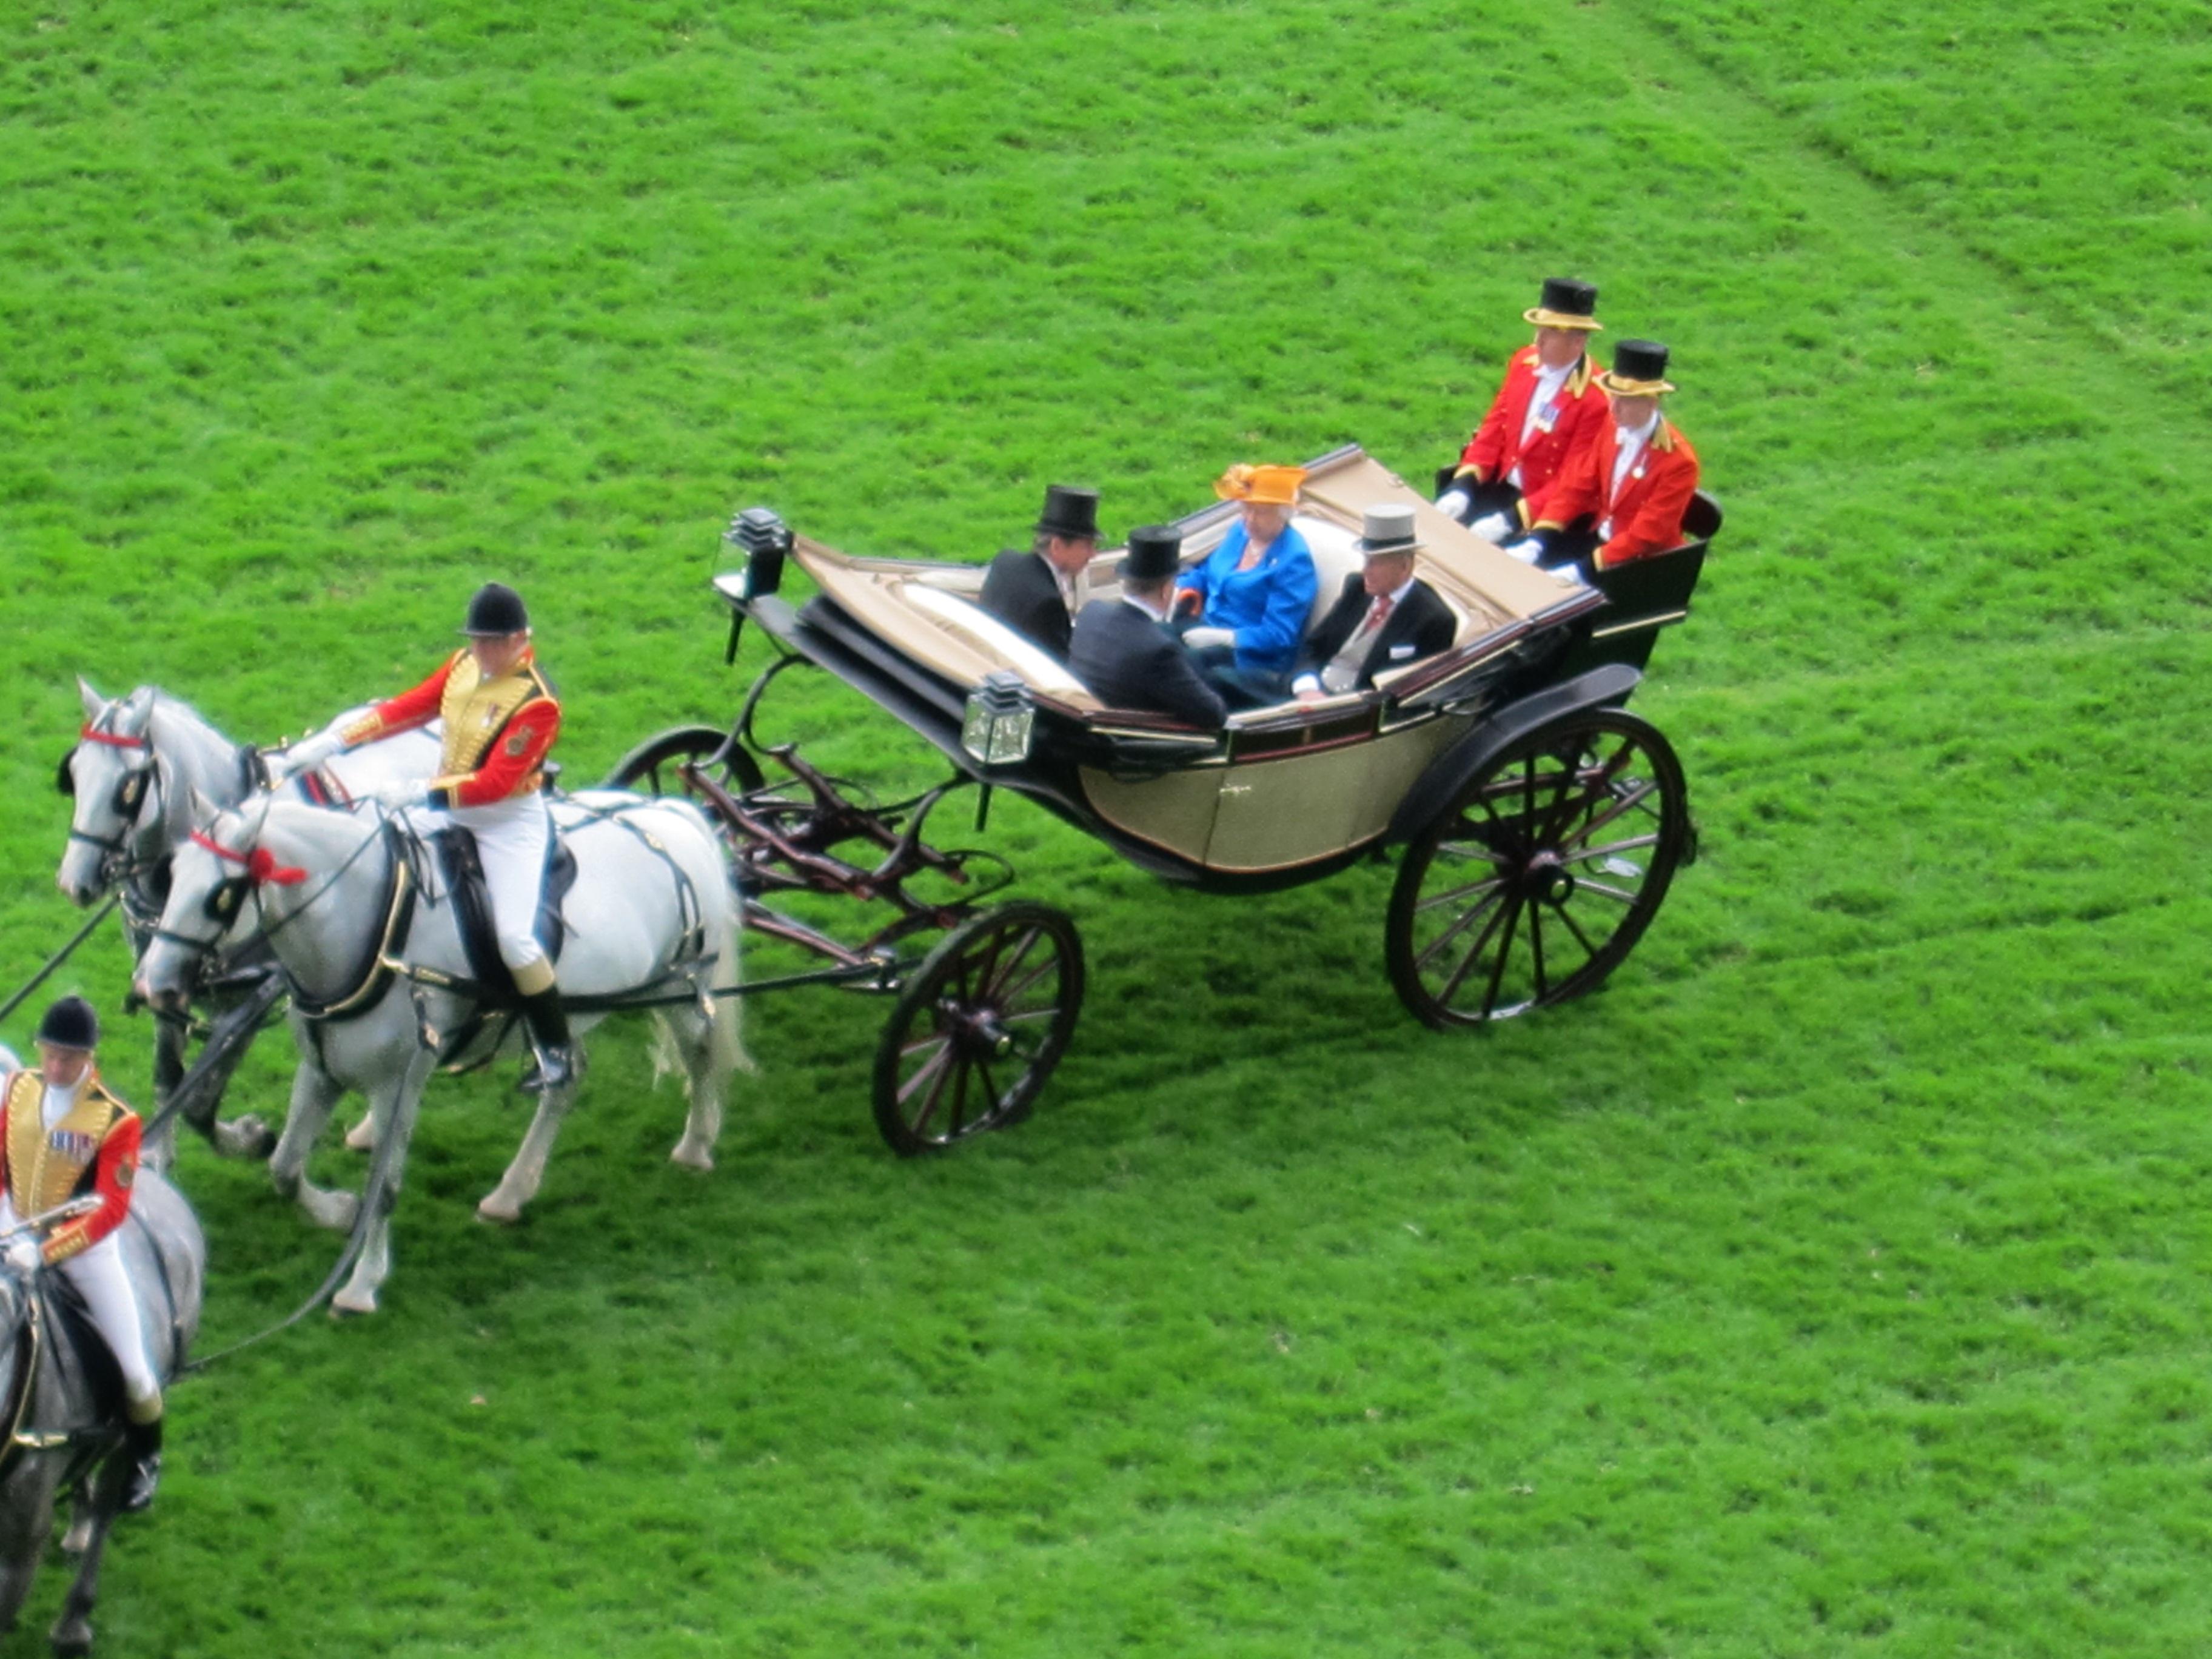 Dustin Nguyễn - Bebe dự đua ngựa mừng sinh nhật nữ hoàng Anh 90 tuổi - 7